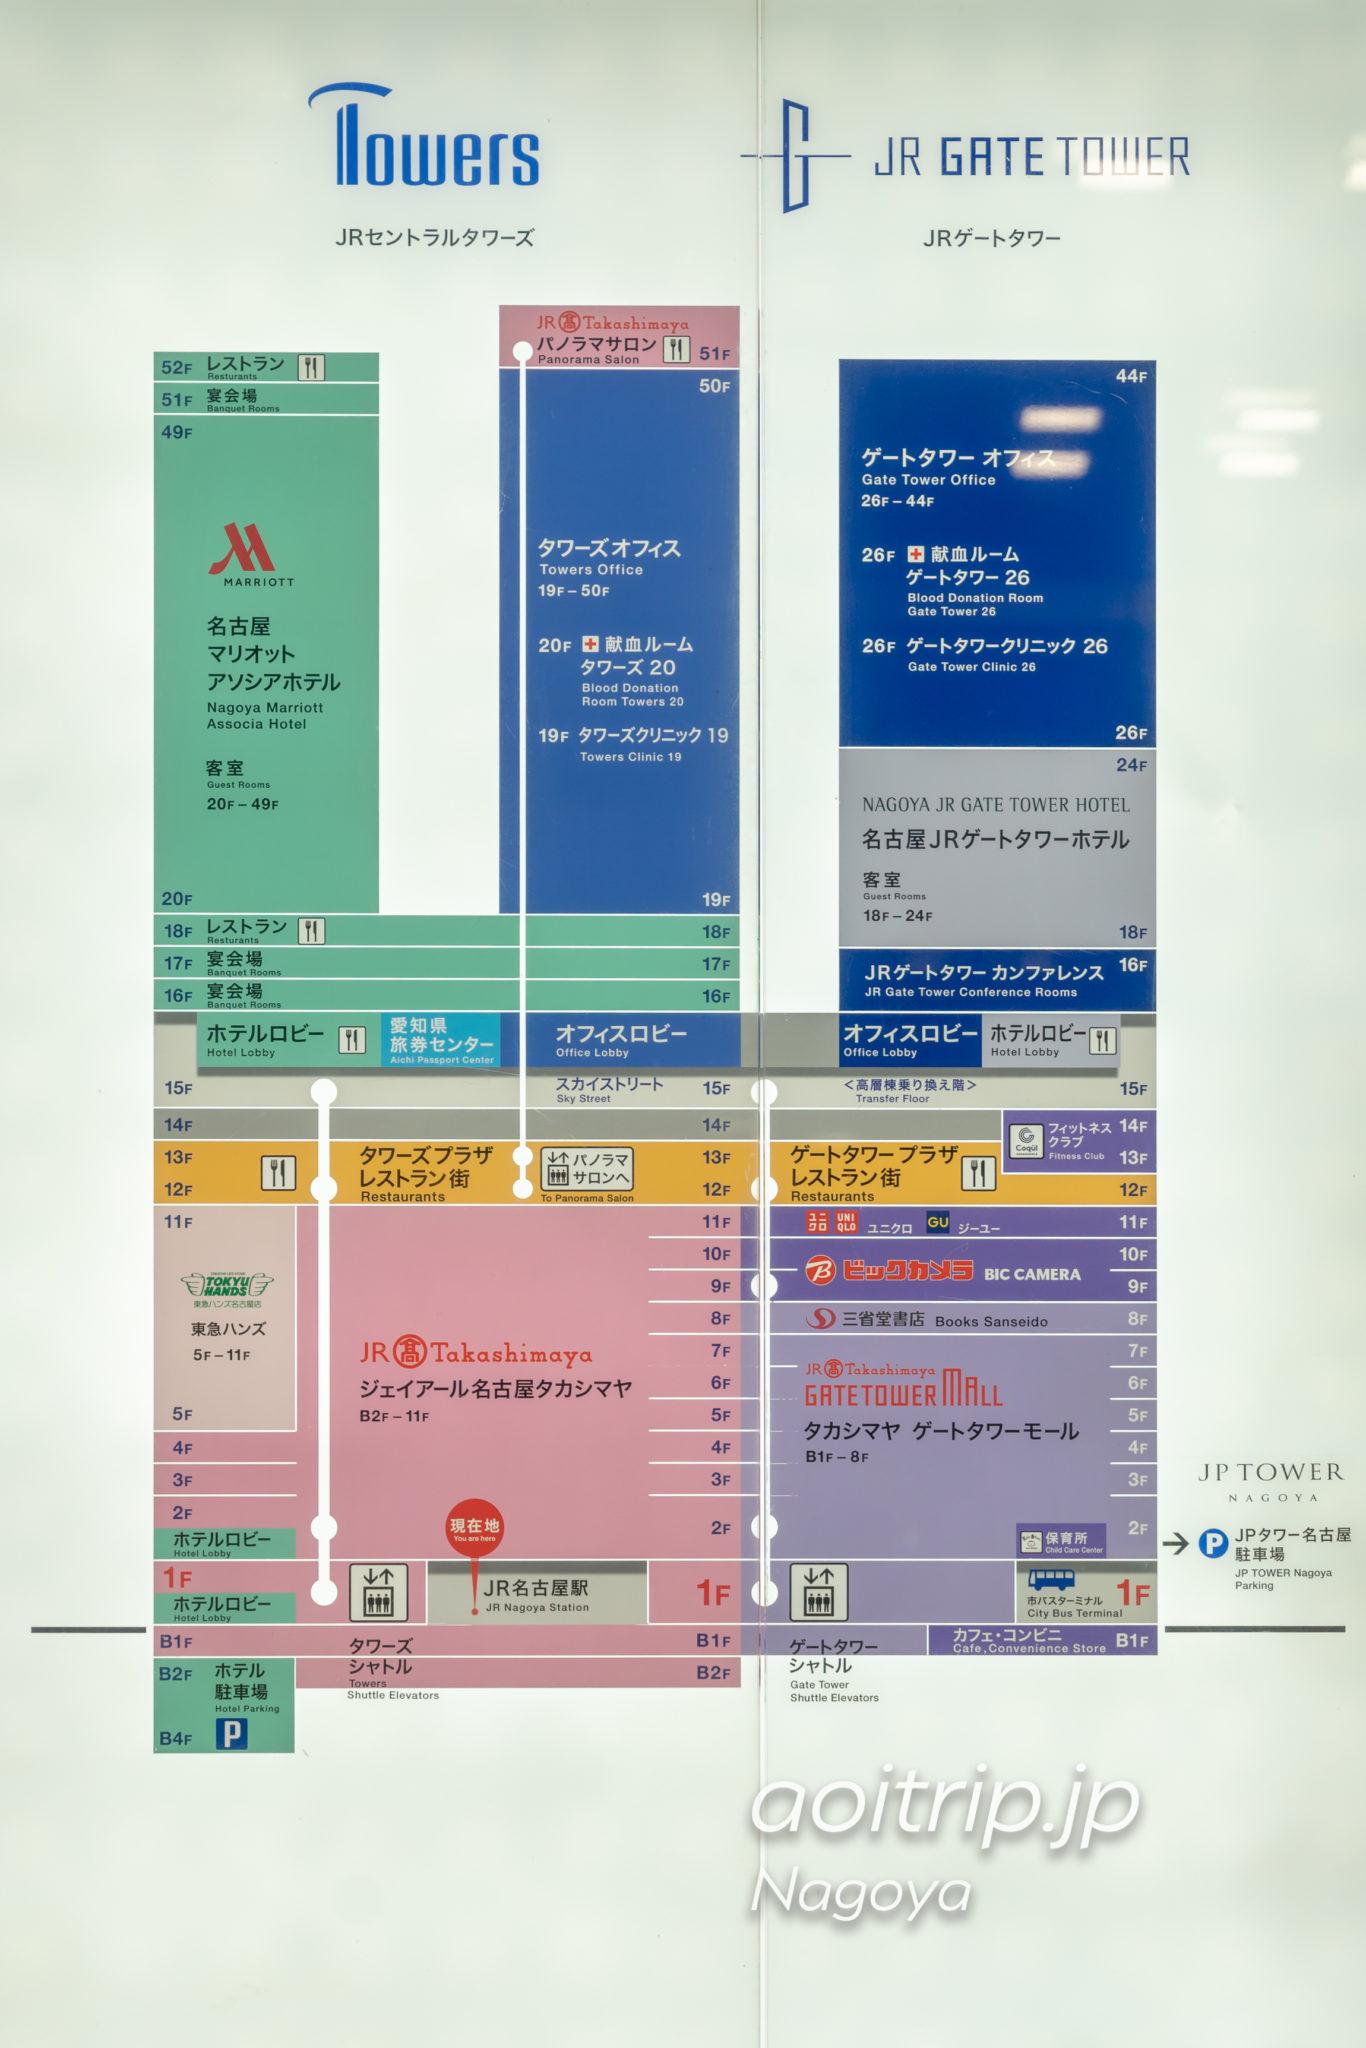 名古屋マリオットアソシアホテルの行き方・アクセス(JRセントラルタワーズとJRゲートタワーのフロアマップ)